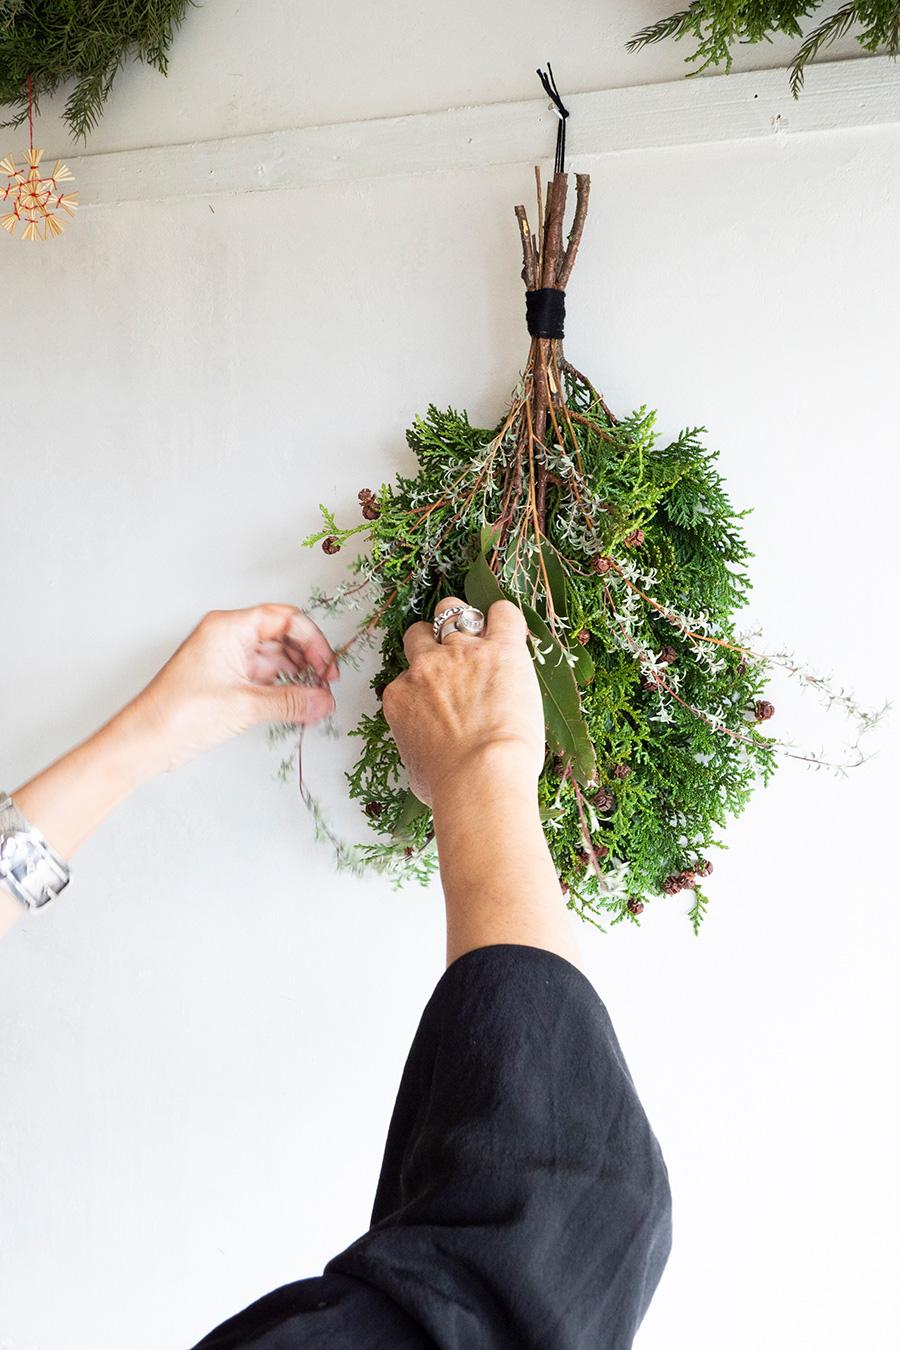 下げてみてから、ボンドやグルーガンを使って枝を付け足し、形を整えて完成。